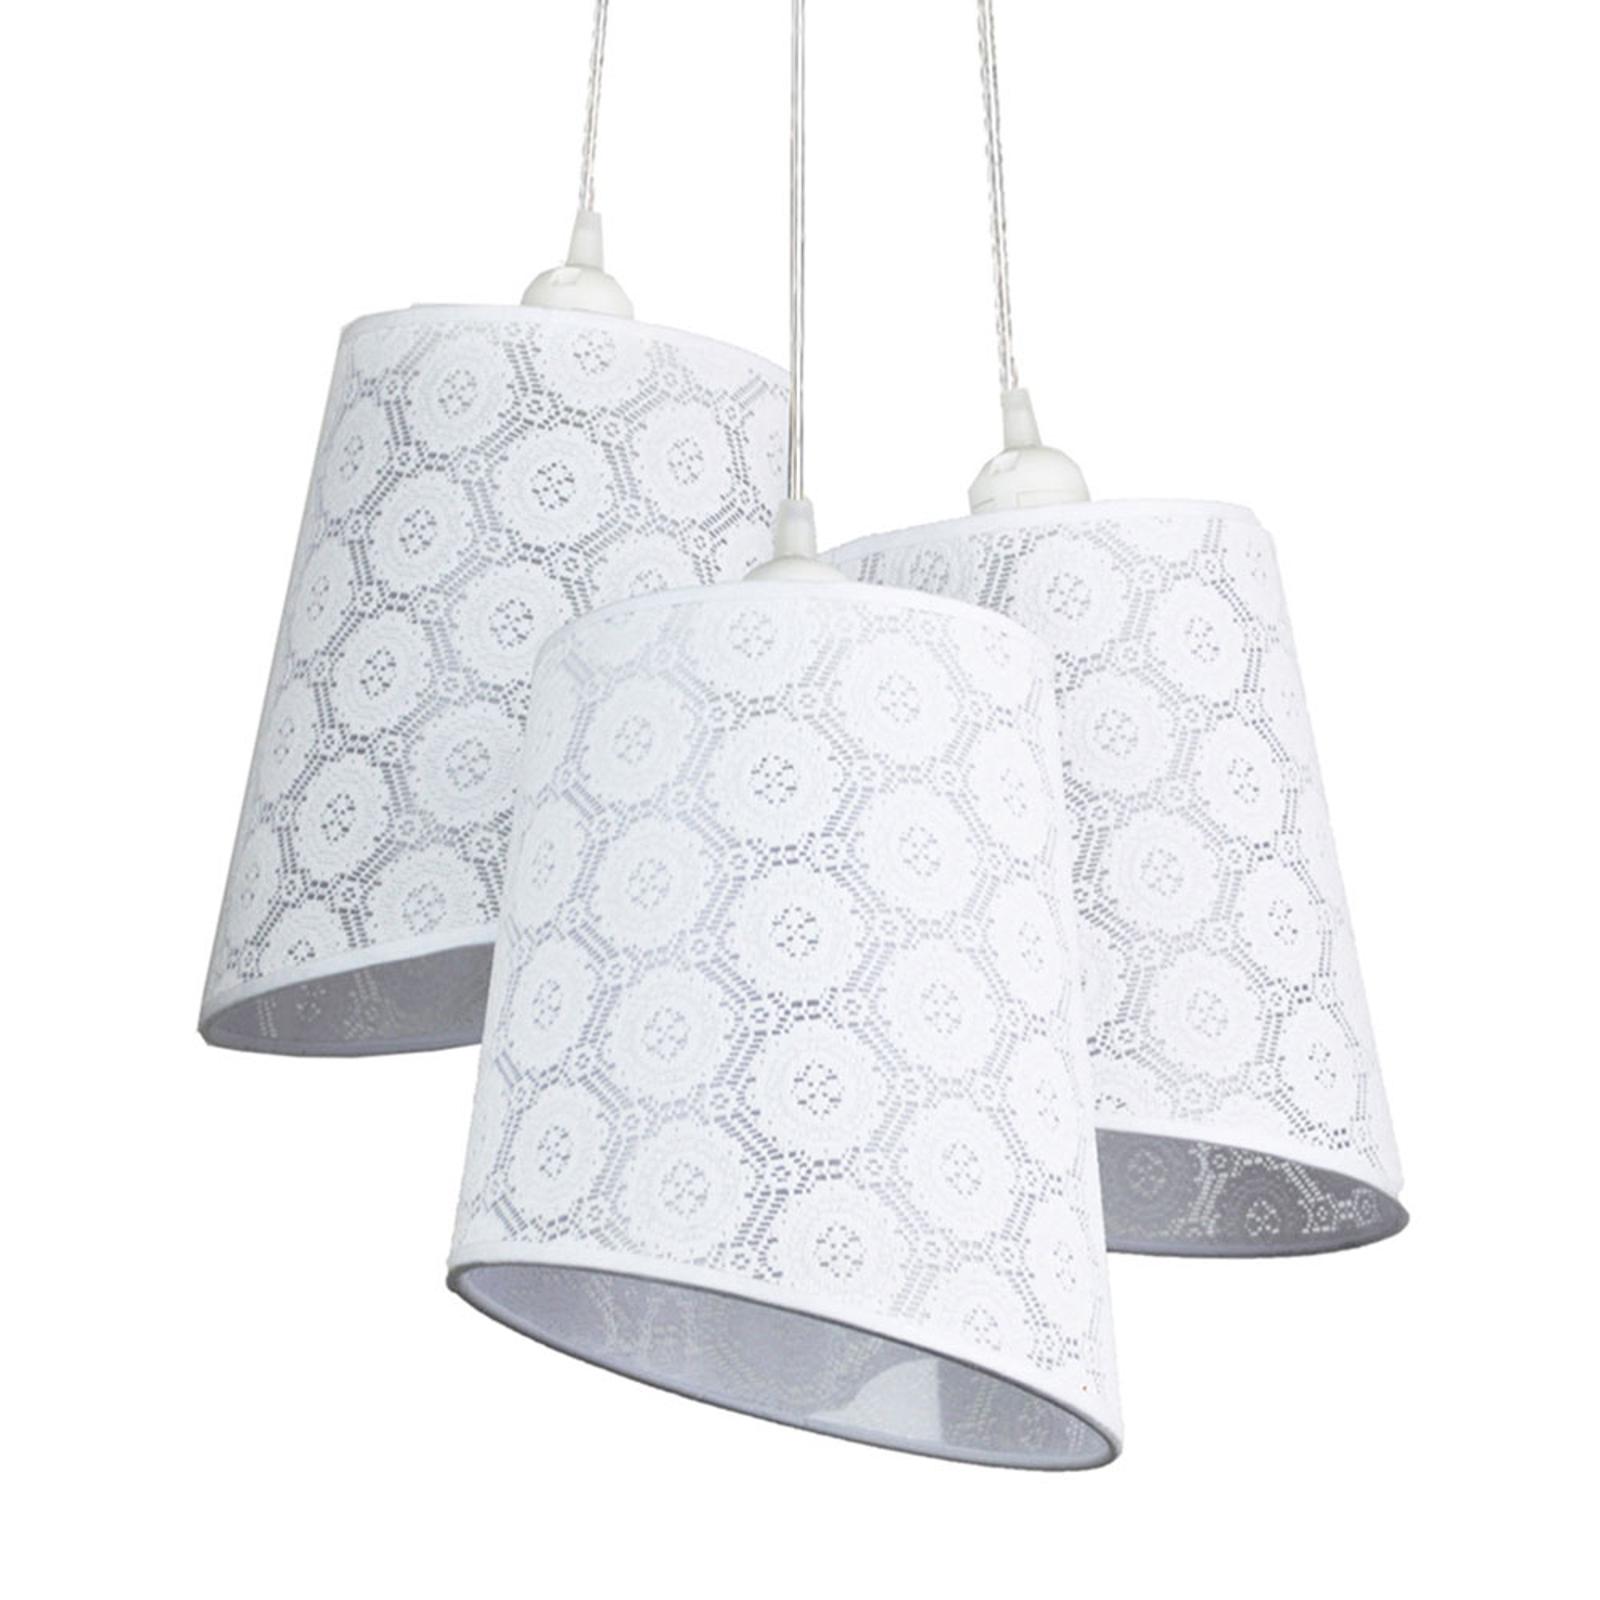 Lampa wisząca Verona, 3-punktowa, biała wzorzysta